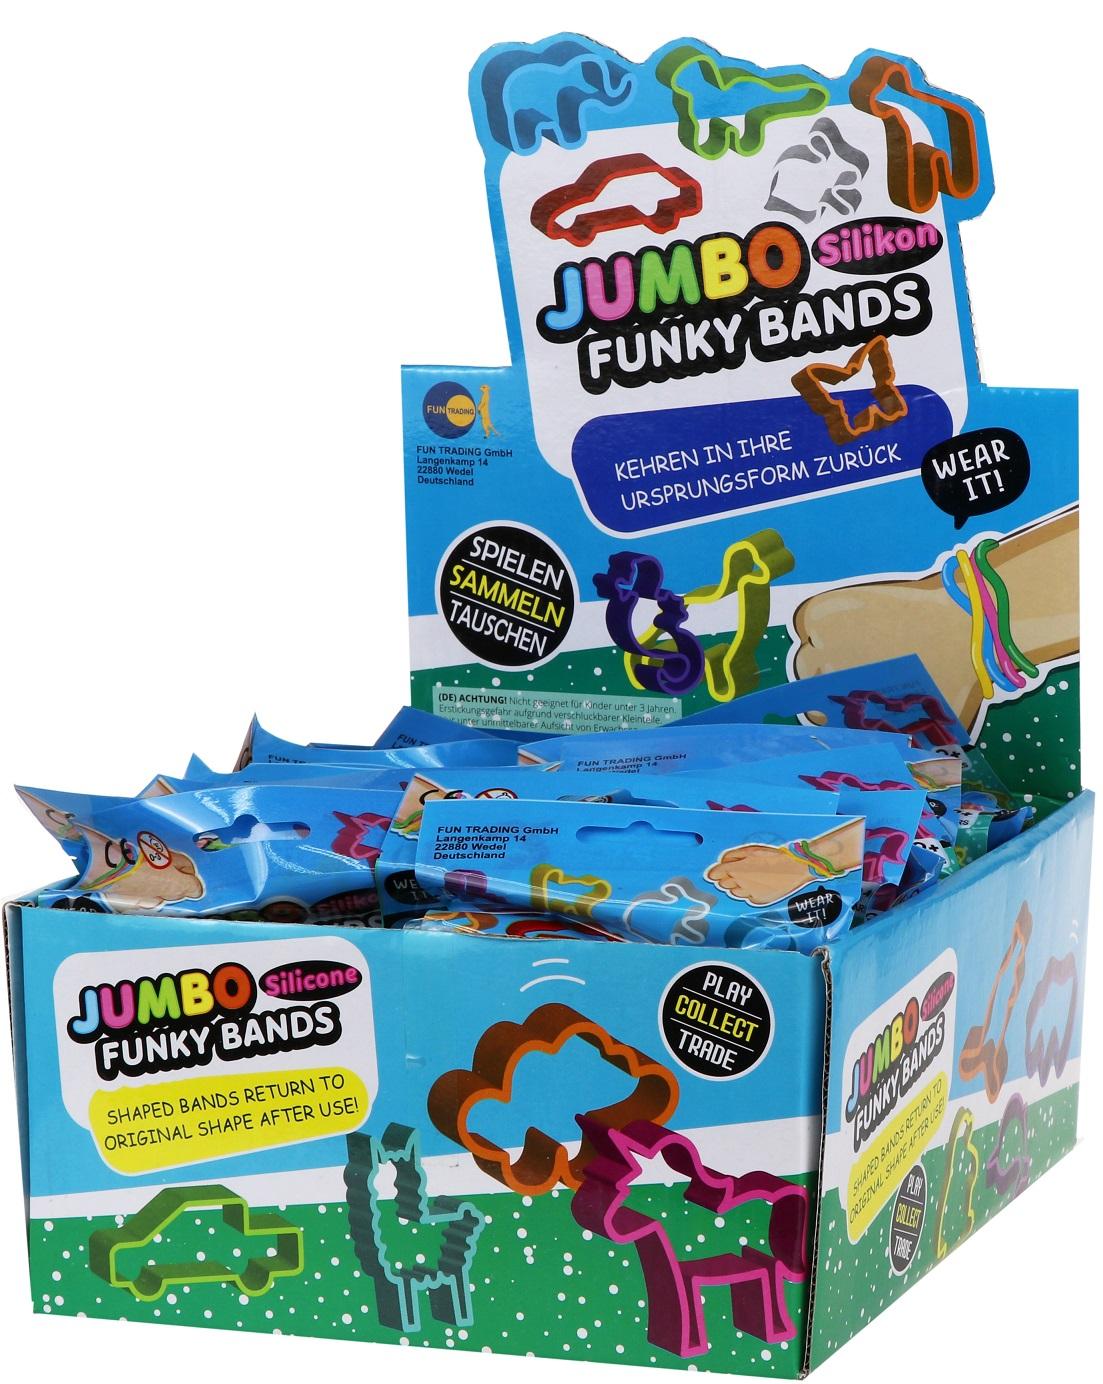 Jumbo Funky Bands